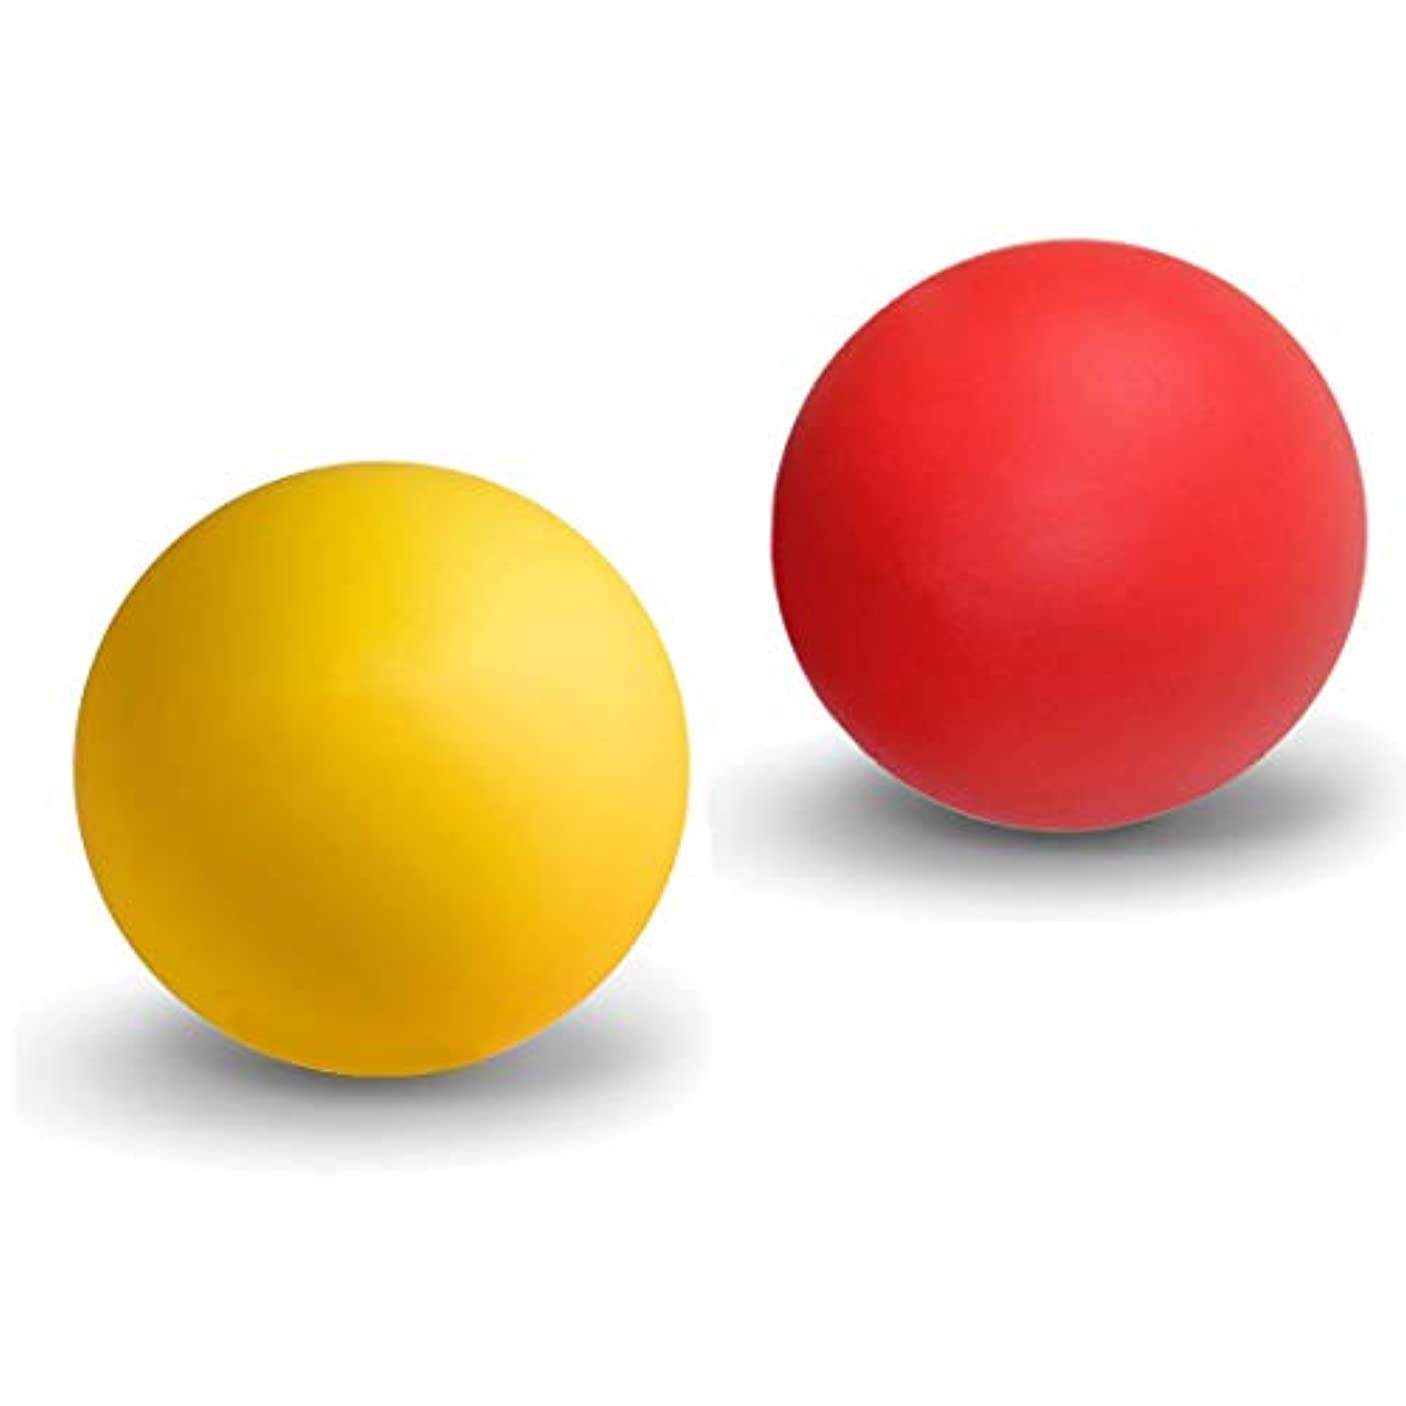 翻訳する順応性のある積極的にマッサージボール ストレッチボール トリガーポイント ラクロスボール 筋膜リリース トレーニング 指圧ボールマッスルマッサージボール 背中 肩こり 腰 ふくらはぎ 足裏 ツボ押しグッズ 2で1組み合わせ 2個 セット